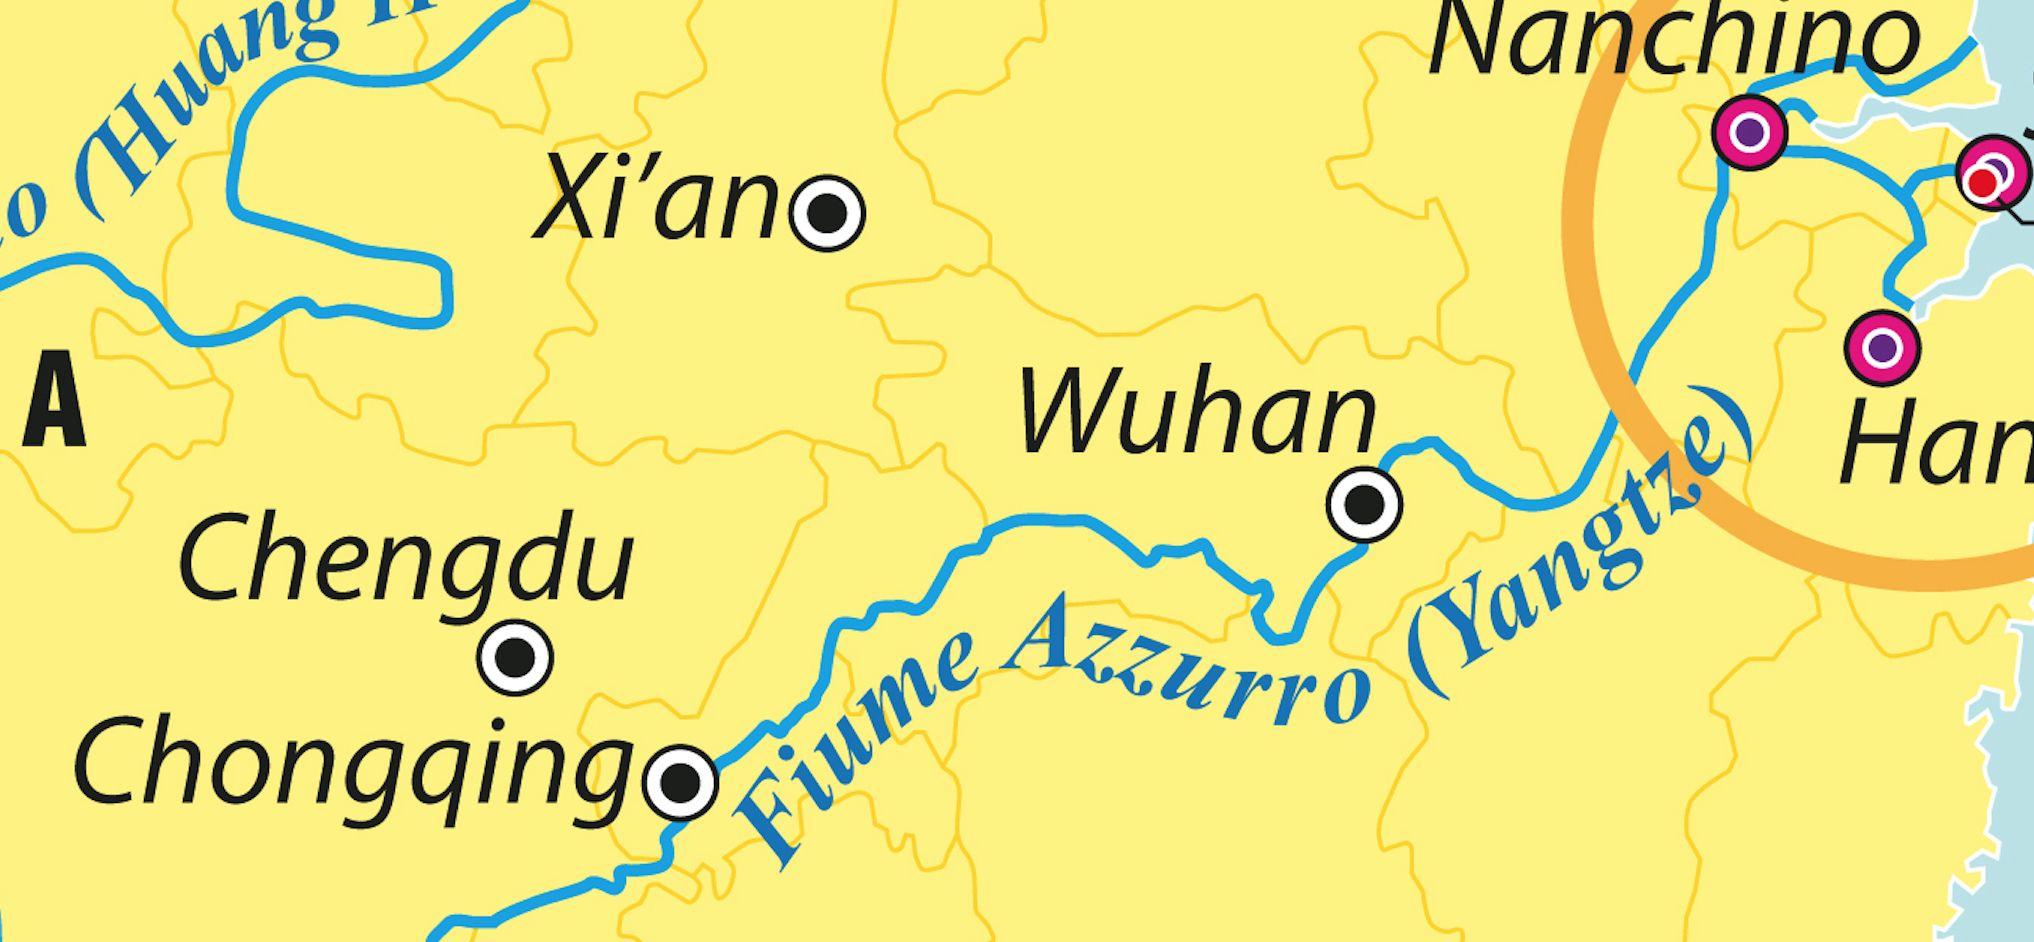 yangtze_wuhan